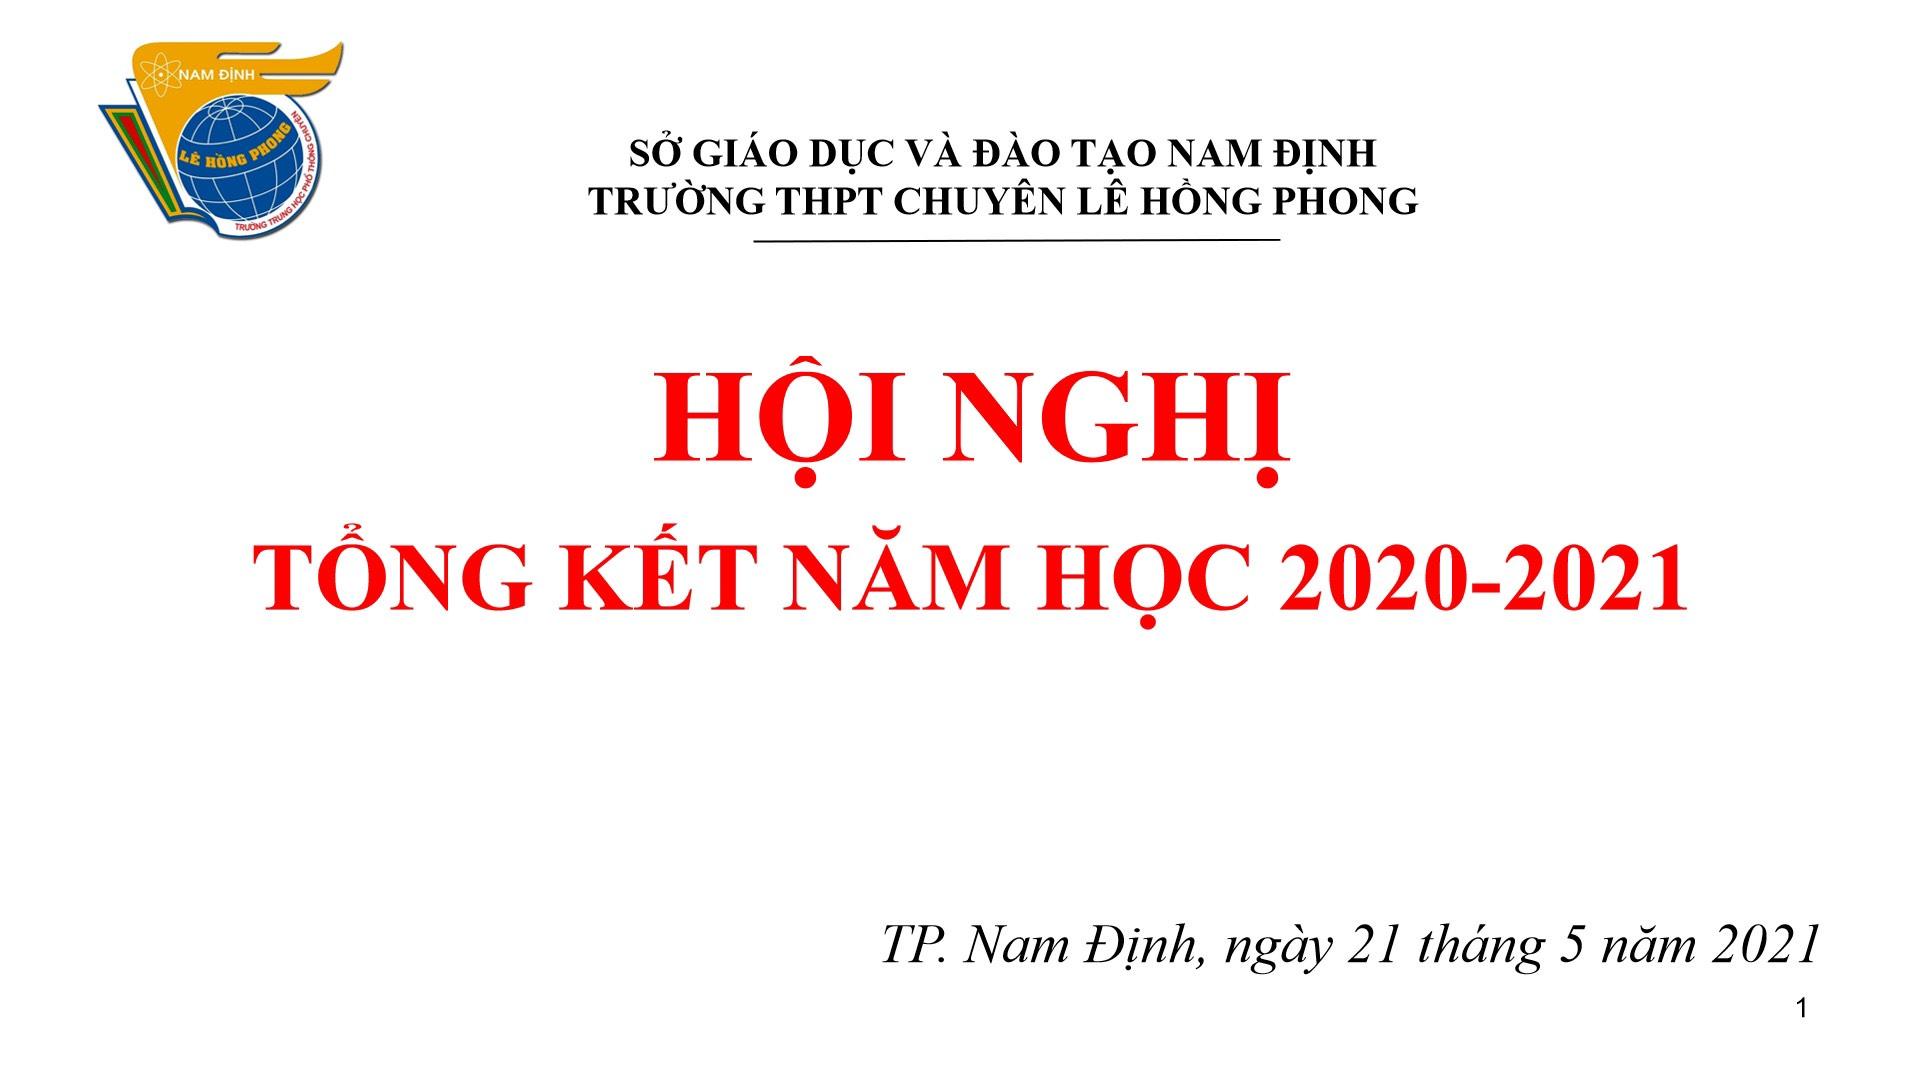 Hội nghị tổng kết năm học 2020-2021